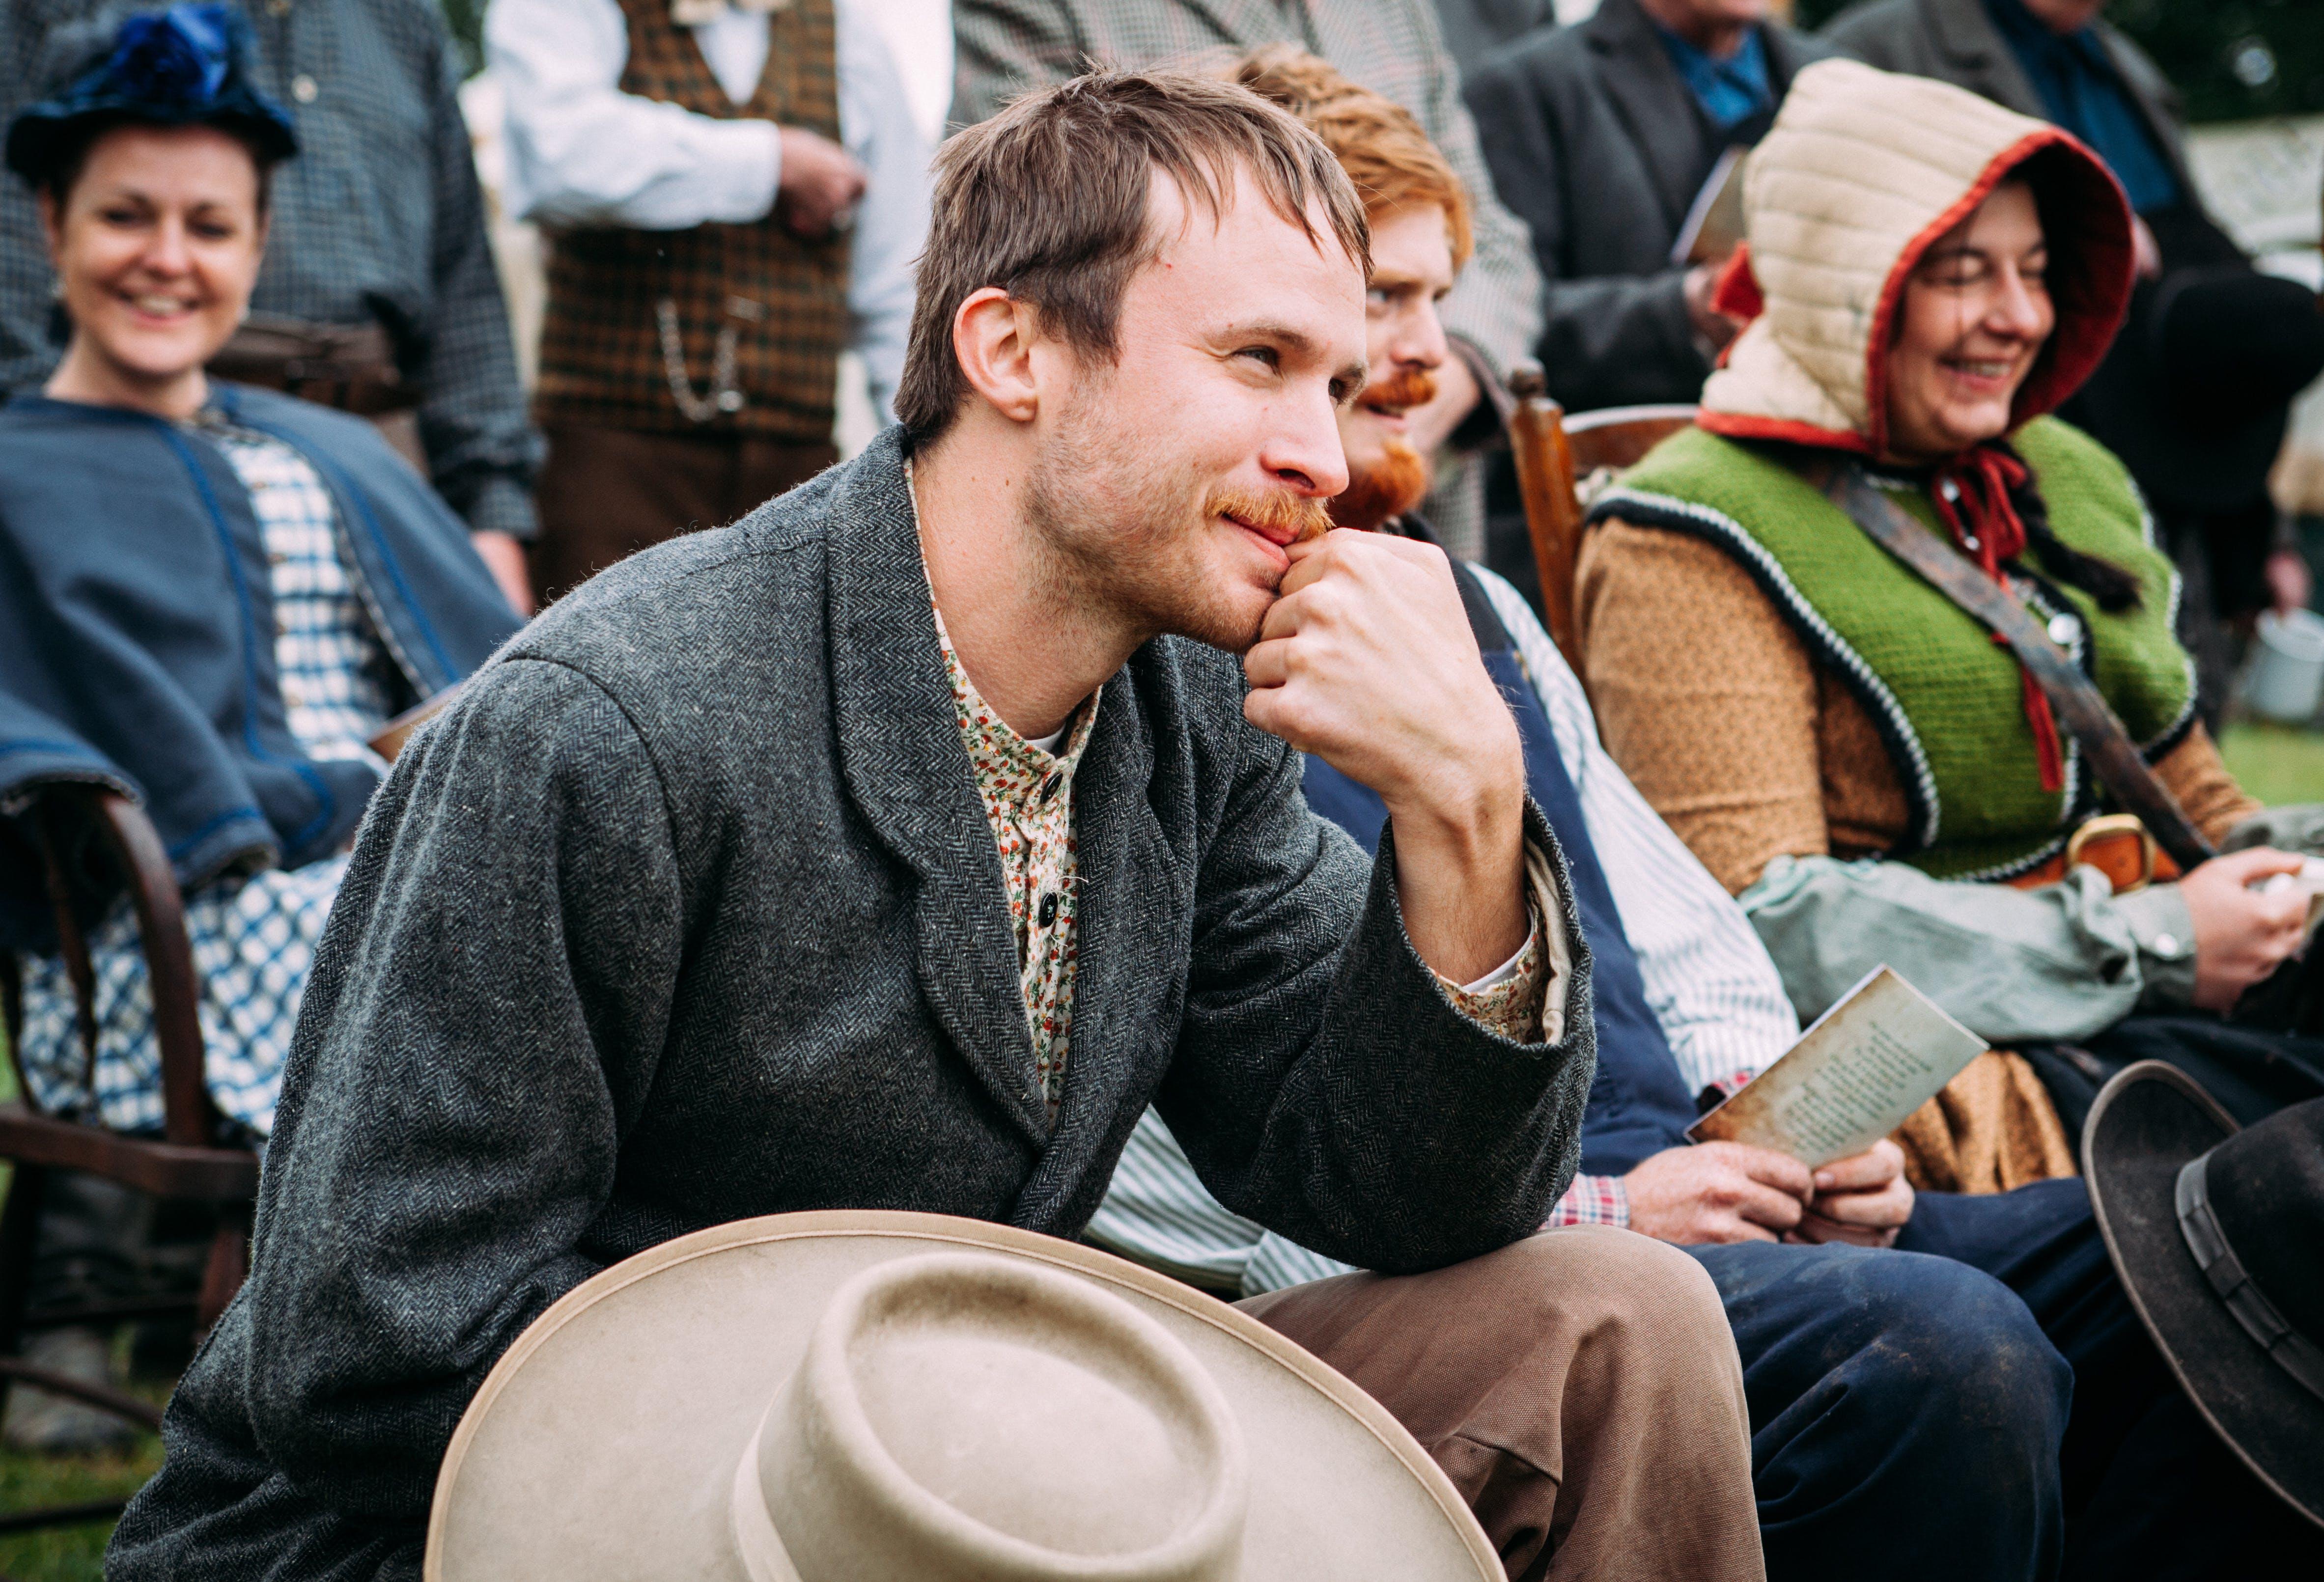 Man Wearing Black Jacket Sitting While Smiling